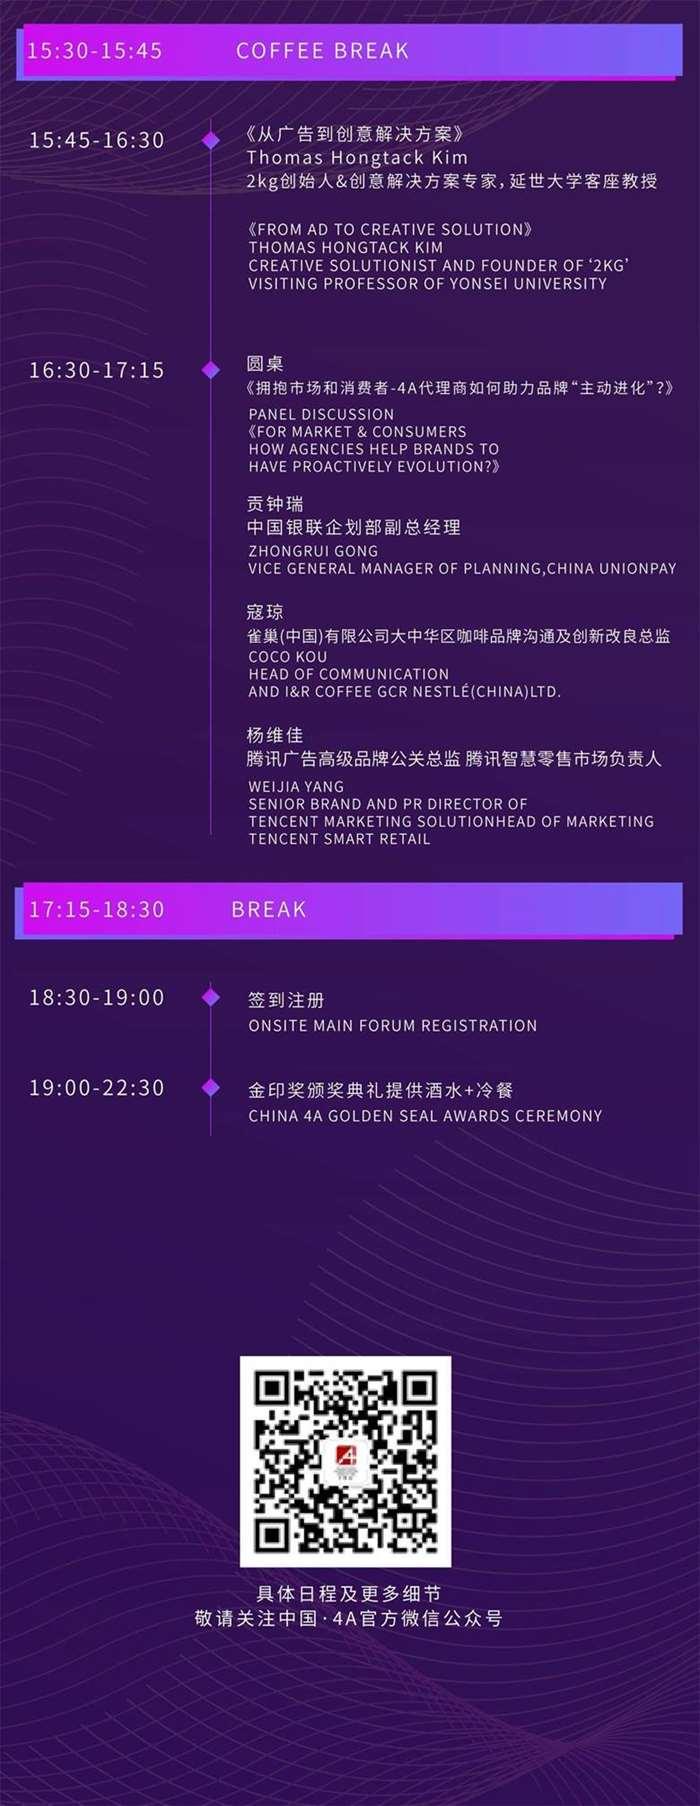 中英文 时间表-00_画板 3.jpg